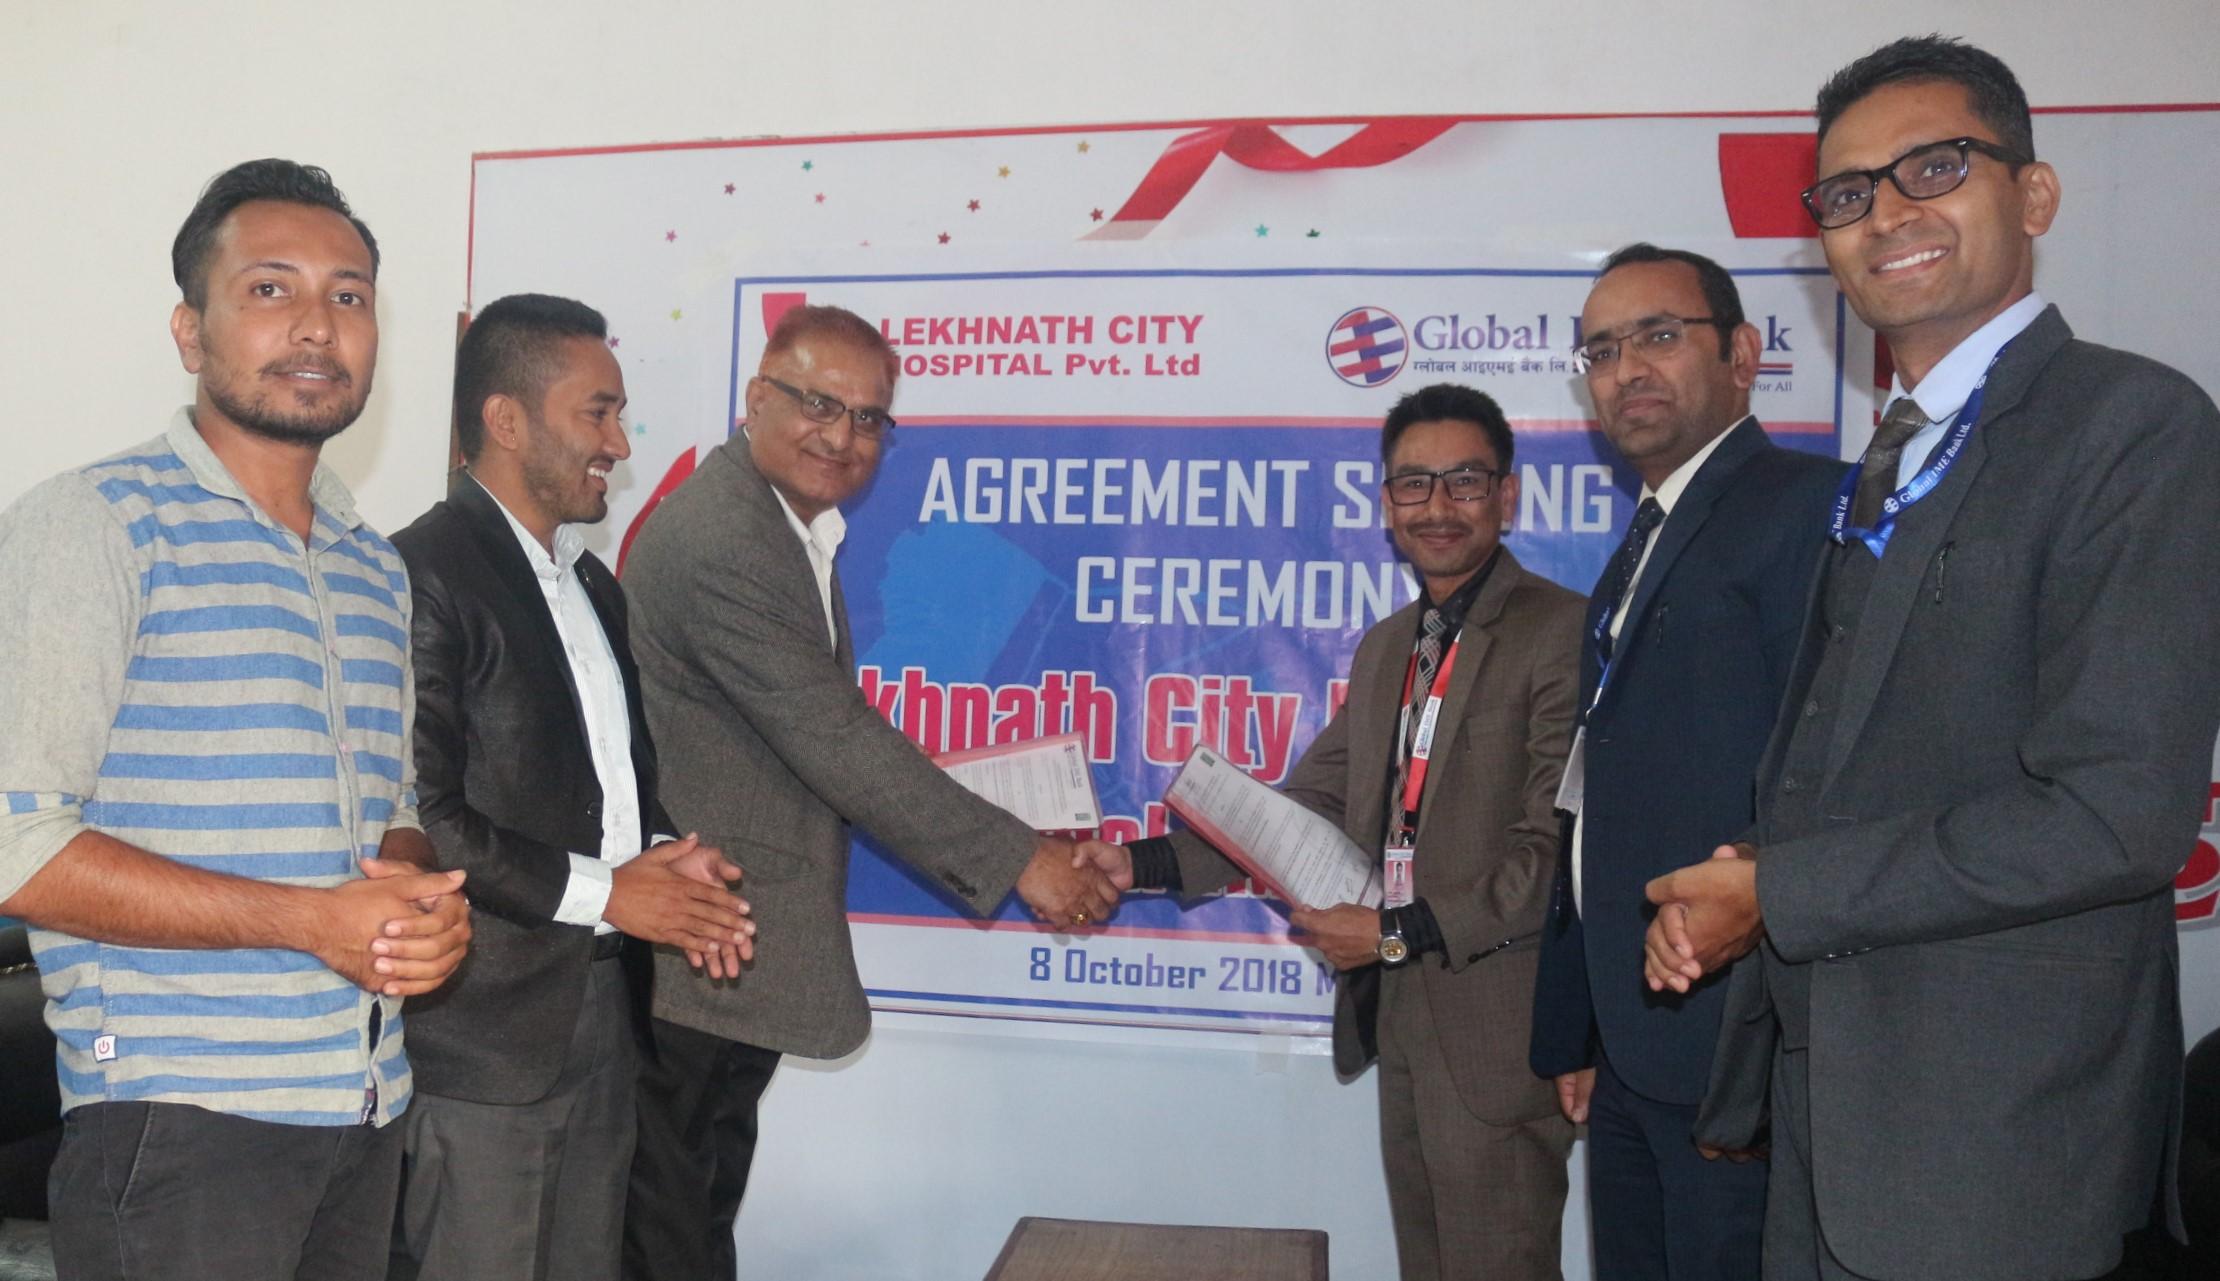 ग्लोबल आईएमई बैंक लिमिटेड र लेखनाथ सिटी हस्पिटल प्रालिबीच सम्झौता